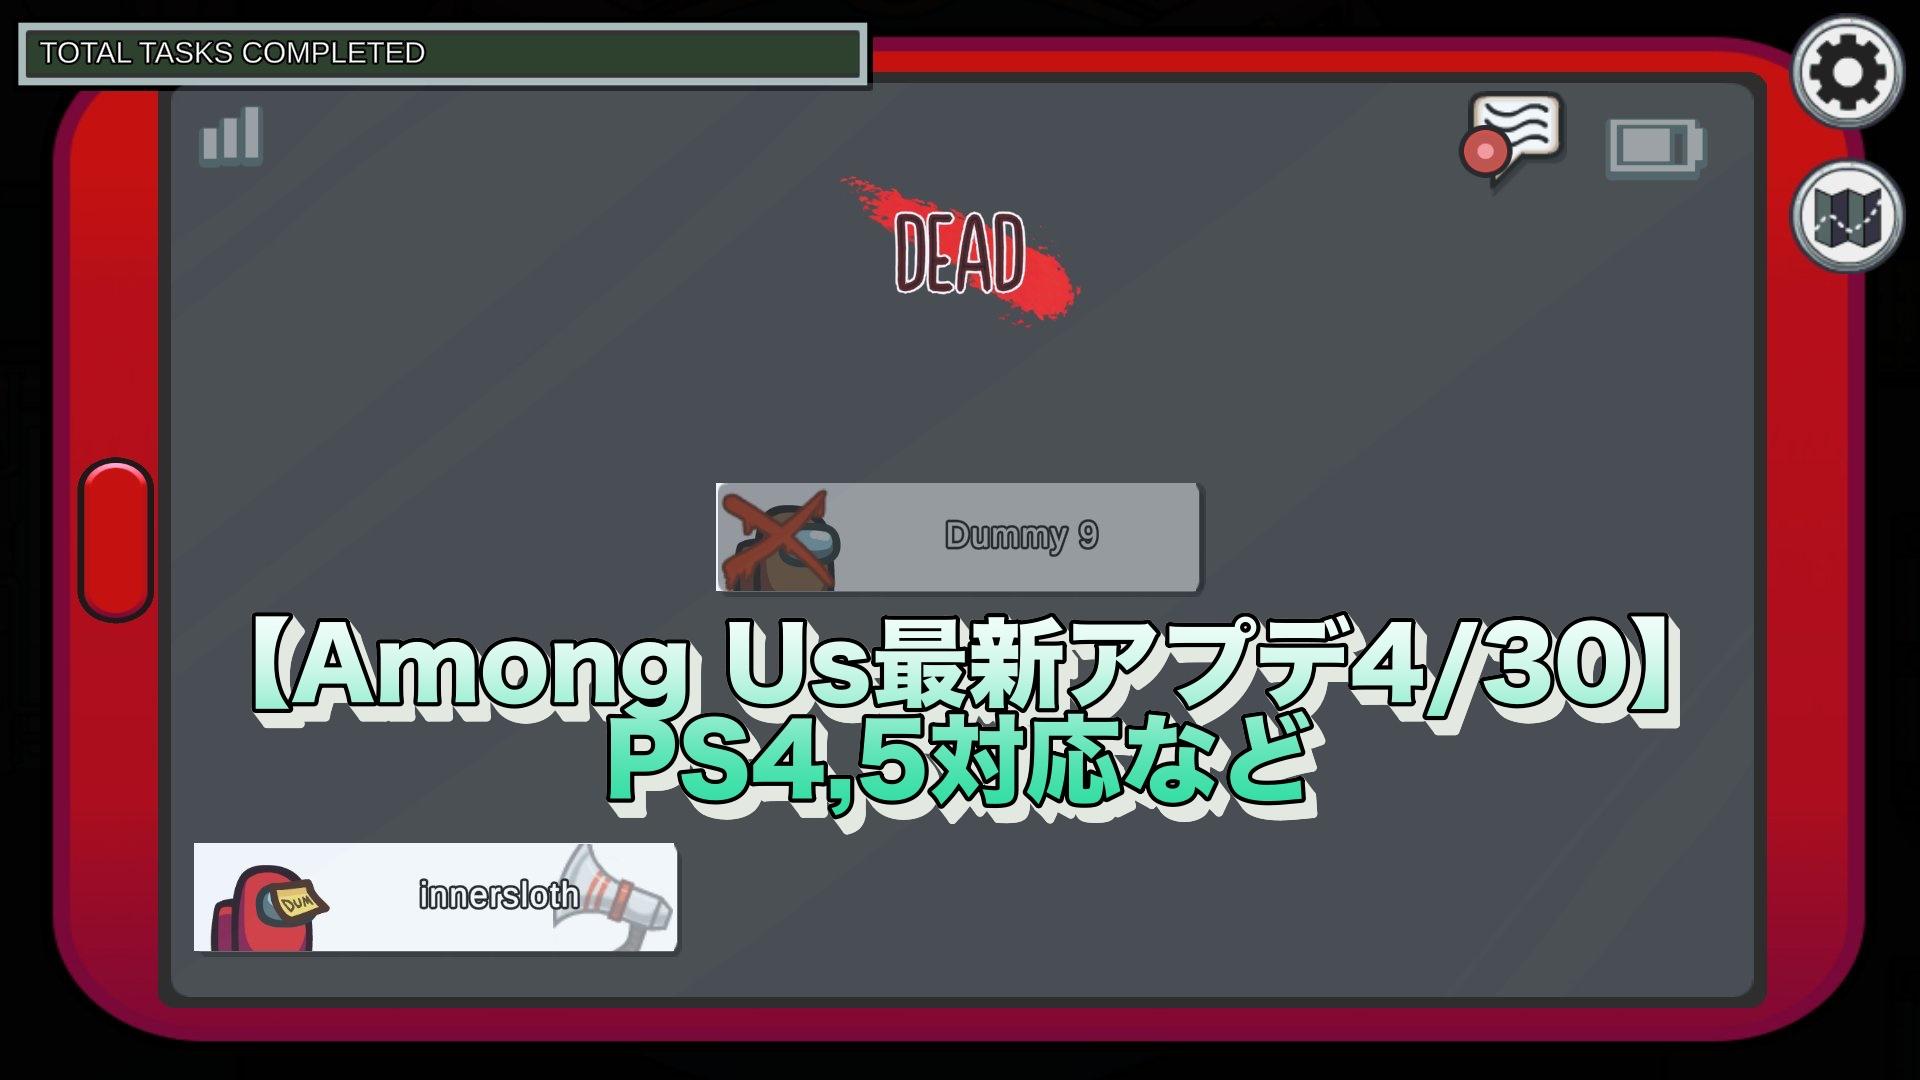 【Among Us最新アプデ情報4/30】PS4,5対応など